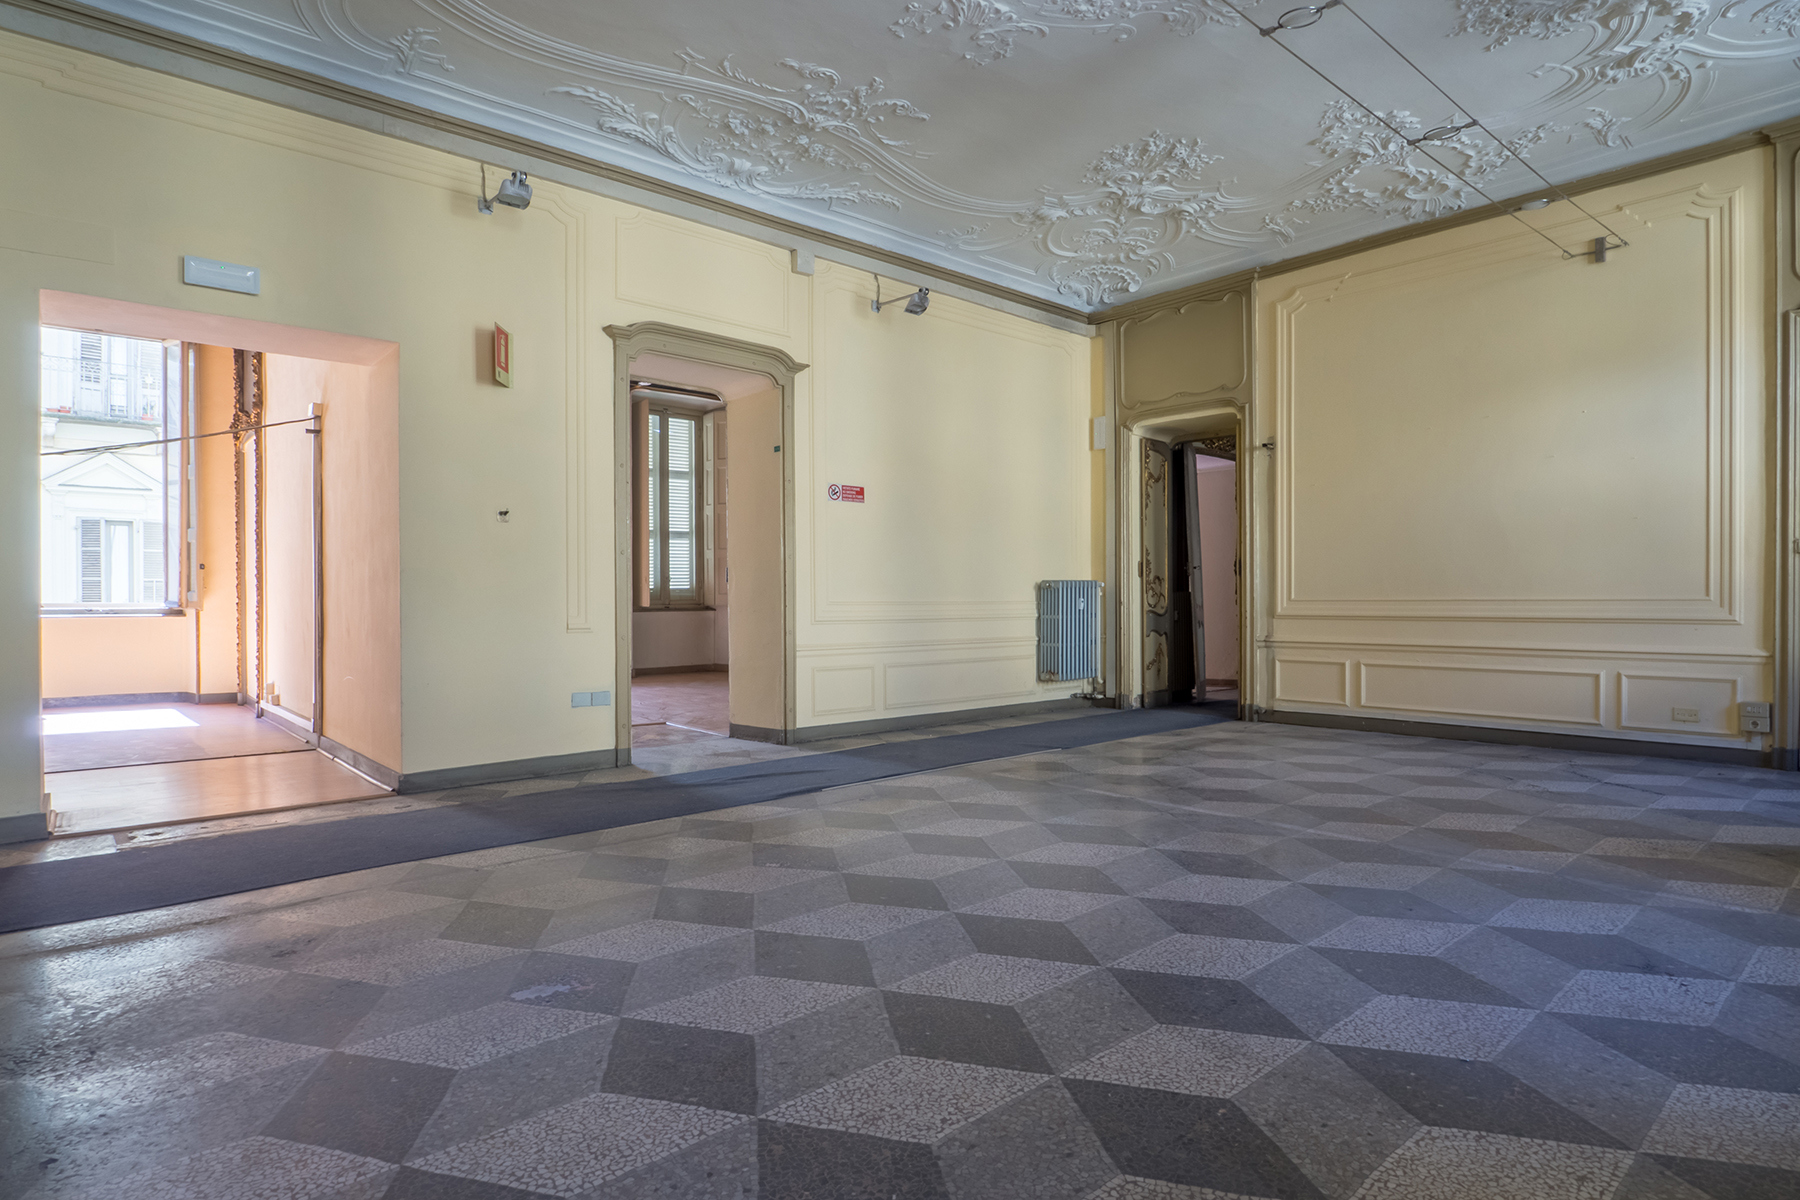 Ufficio-studio in Affitto a Torino: 5 locali, 1000 mq - Foto 6